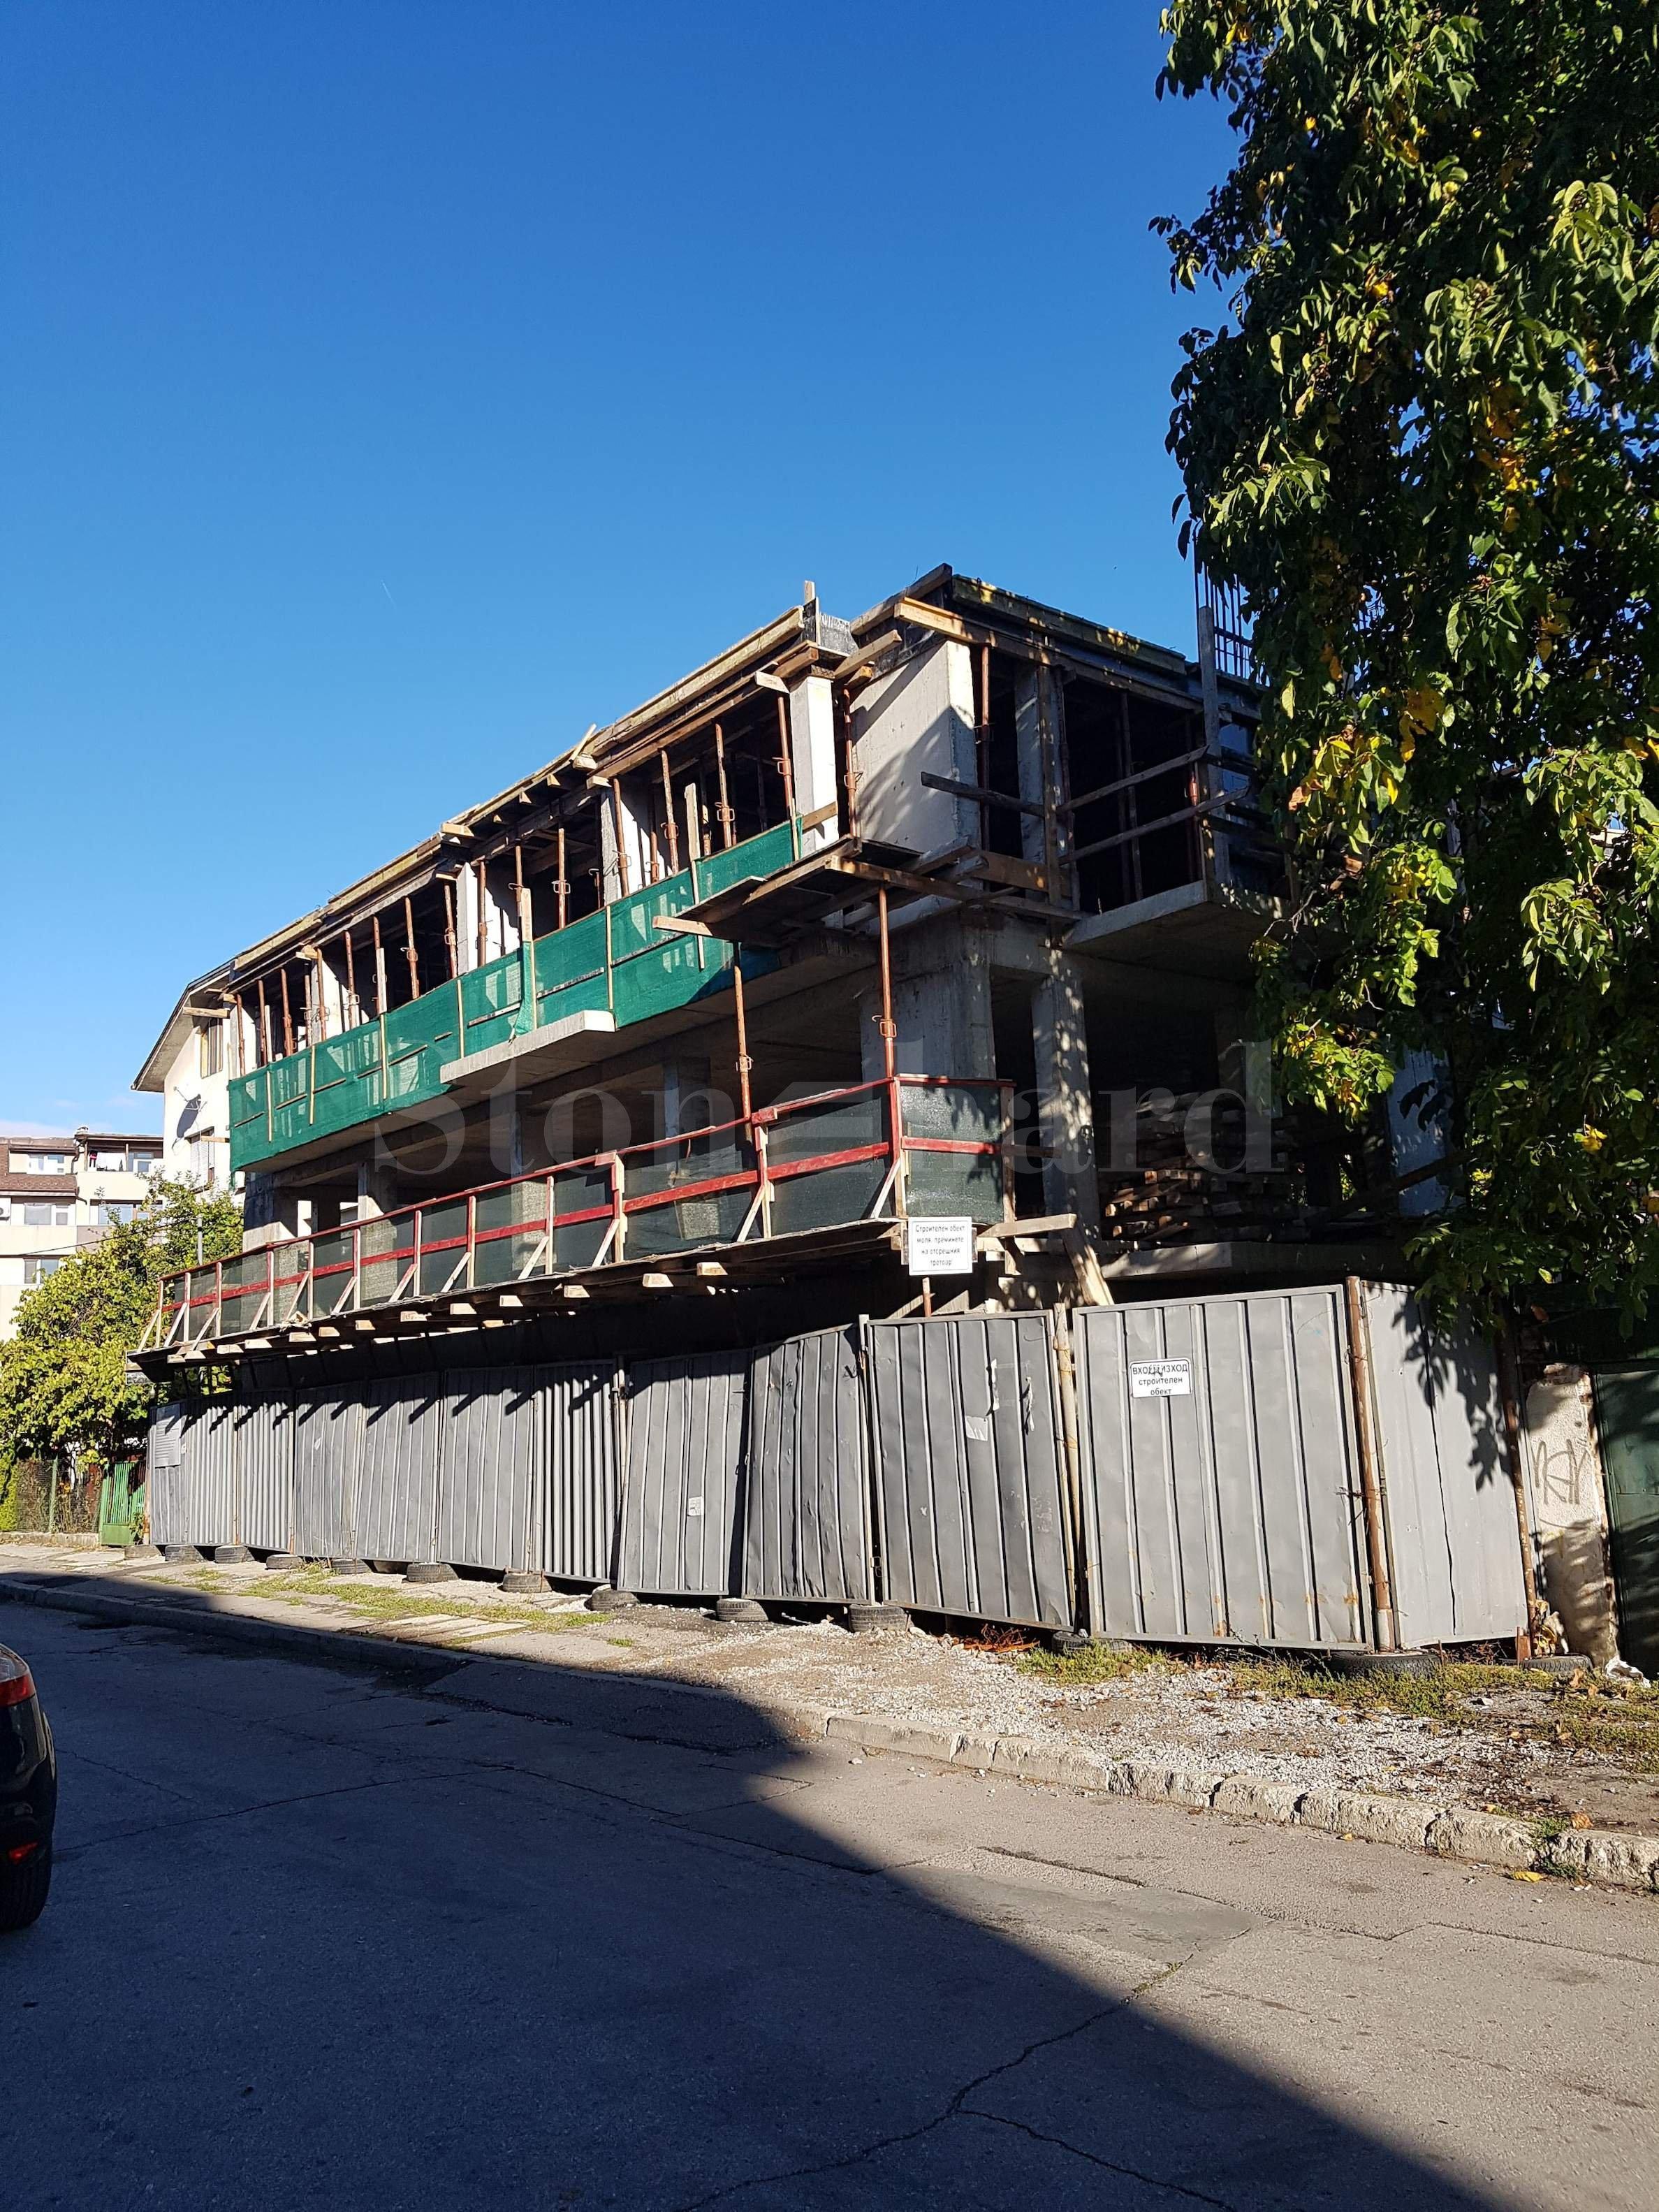 Новострояща се сграда с удобна локация в кв. Павлово2 - Stonehard